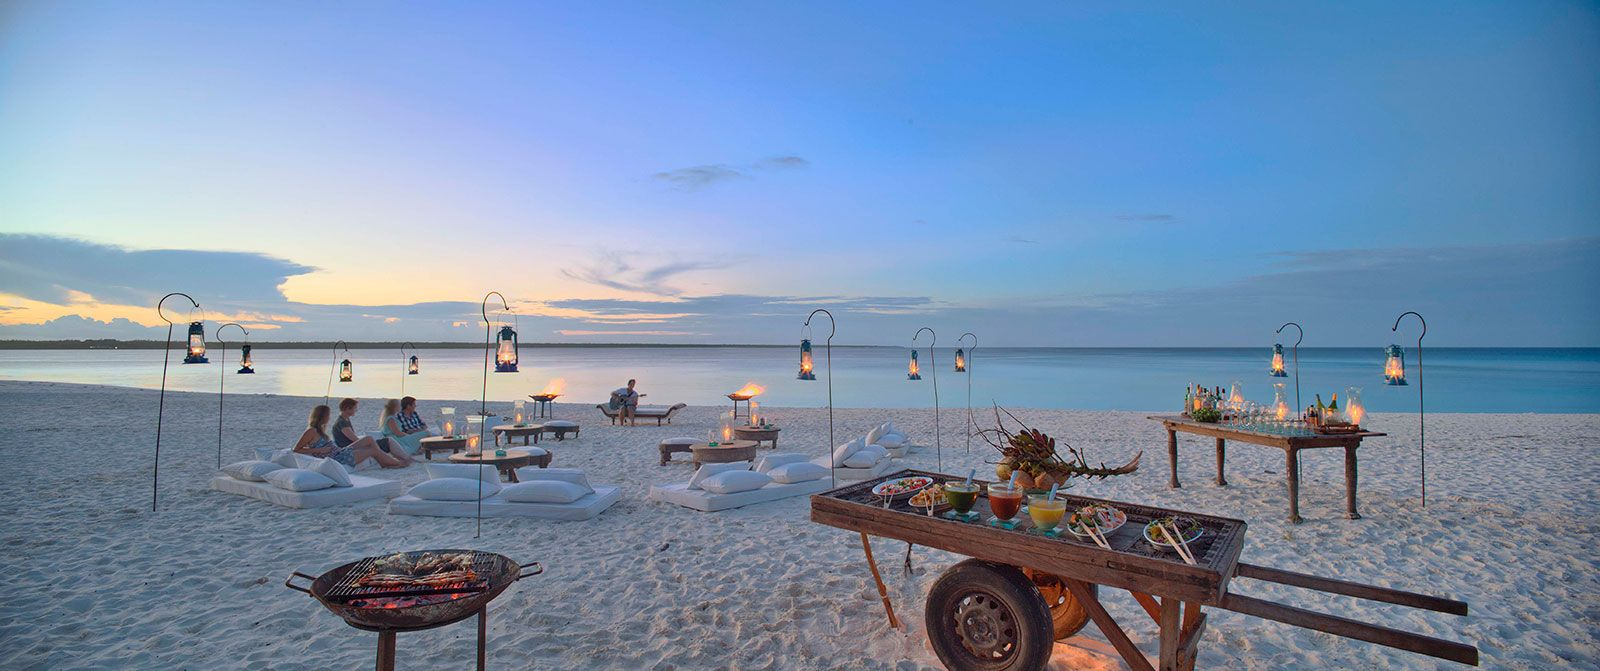 Zanzibar Romance